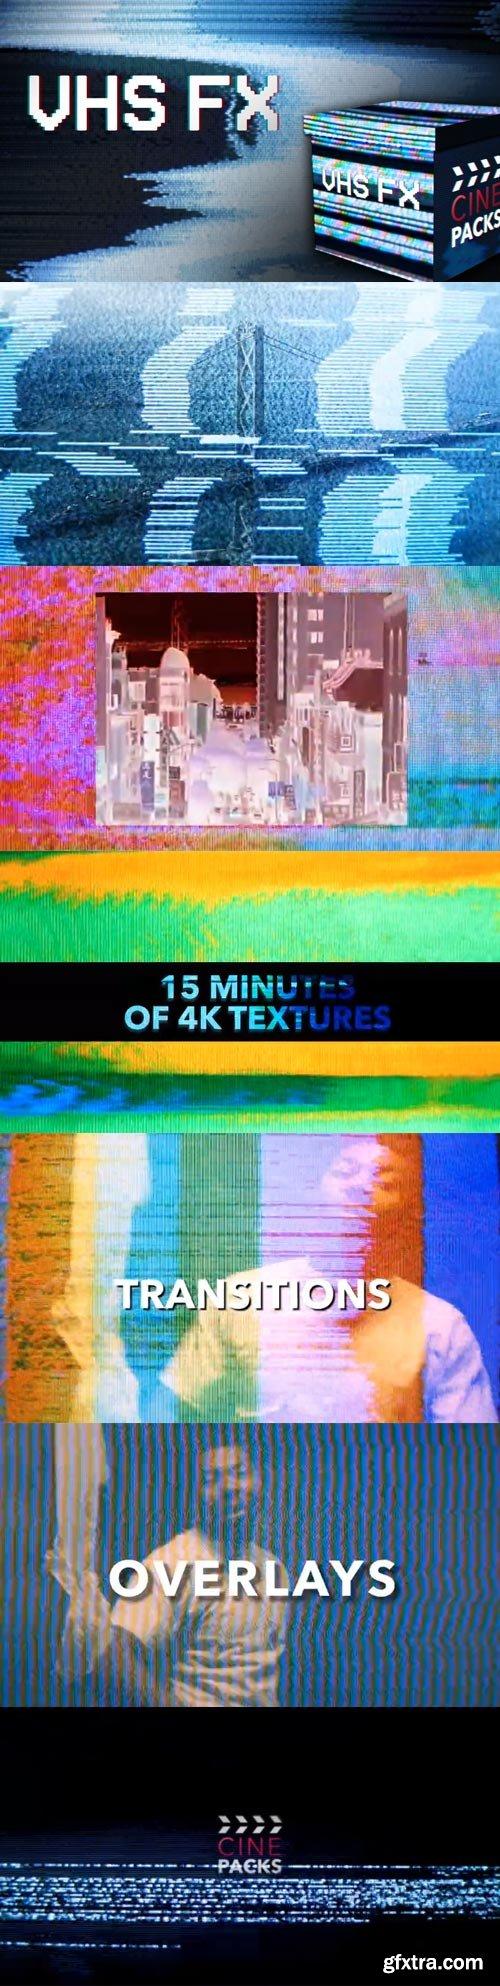 CinePacks - VHS FX